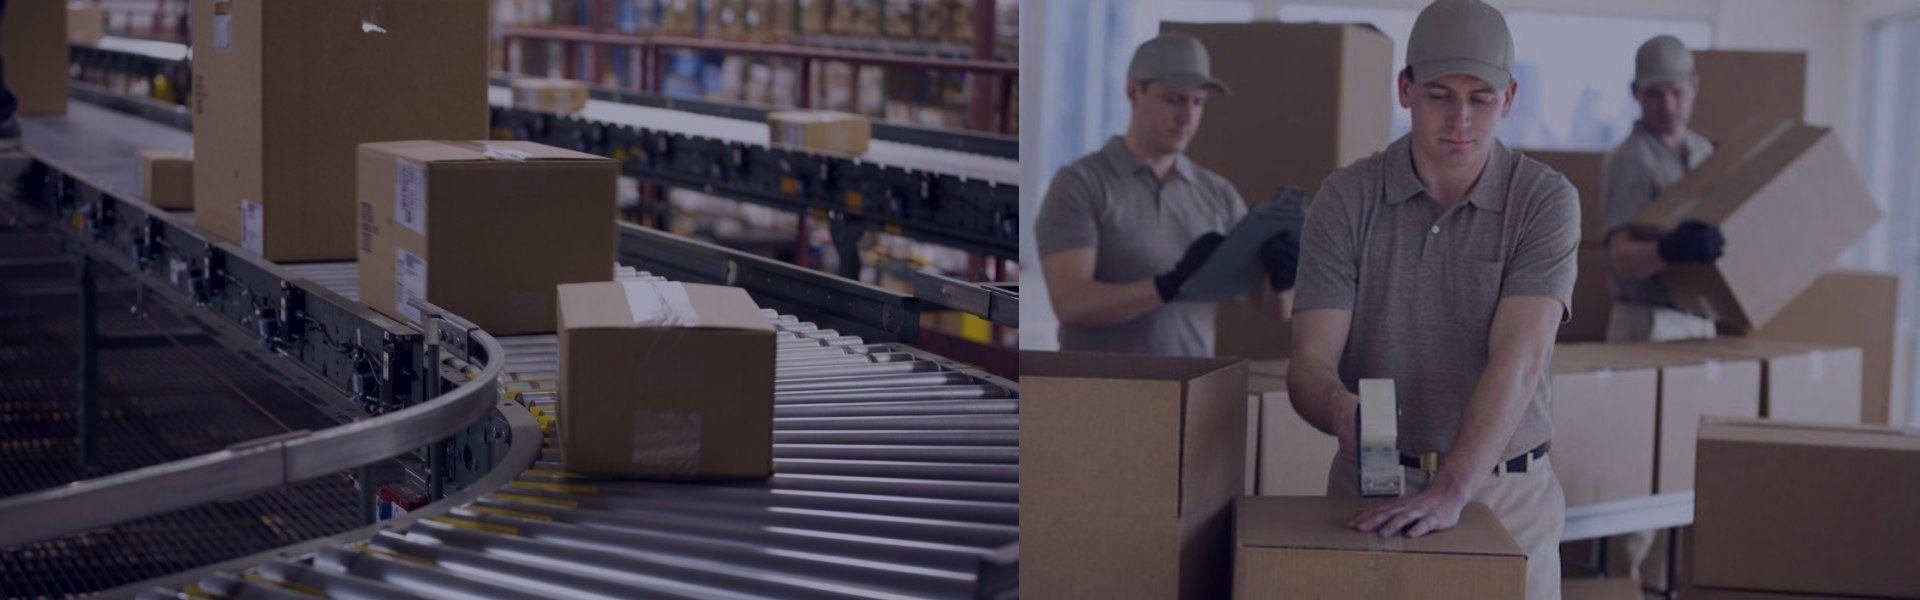 Stoccaggio, raccolta e imballaggio, servizio pacchi, tutto in uno e più economico